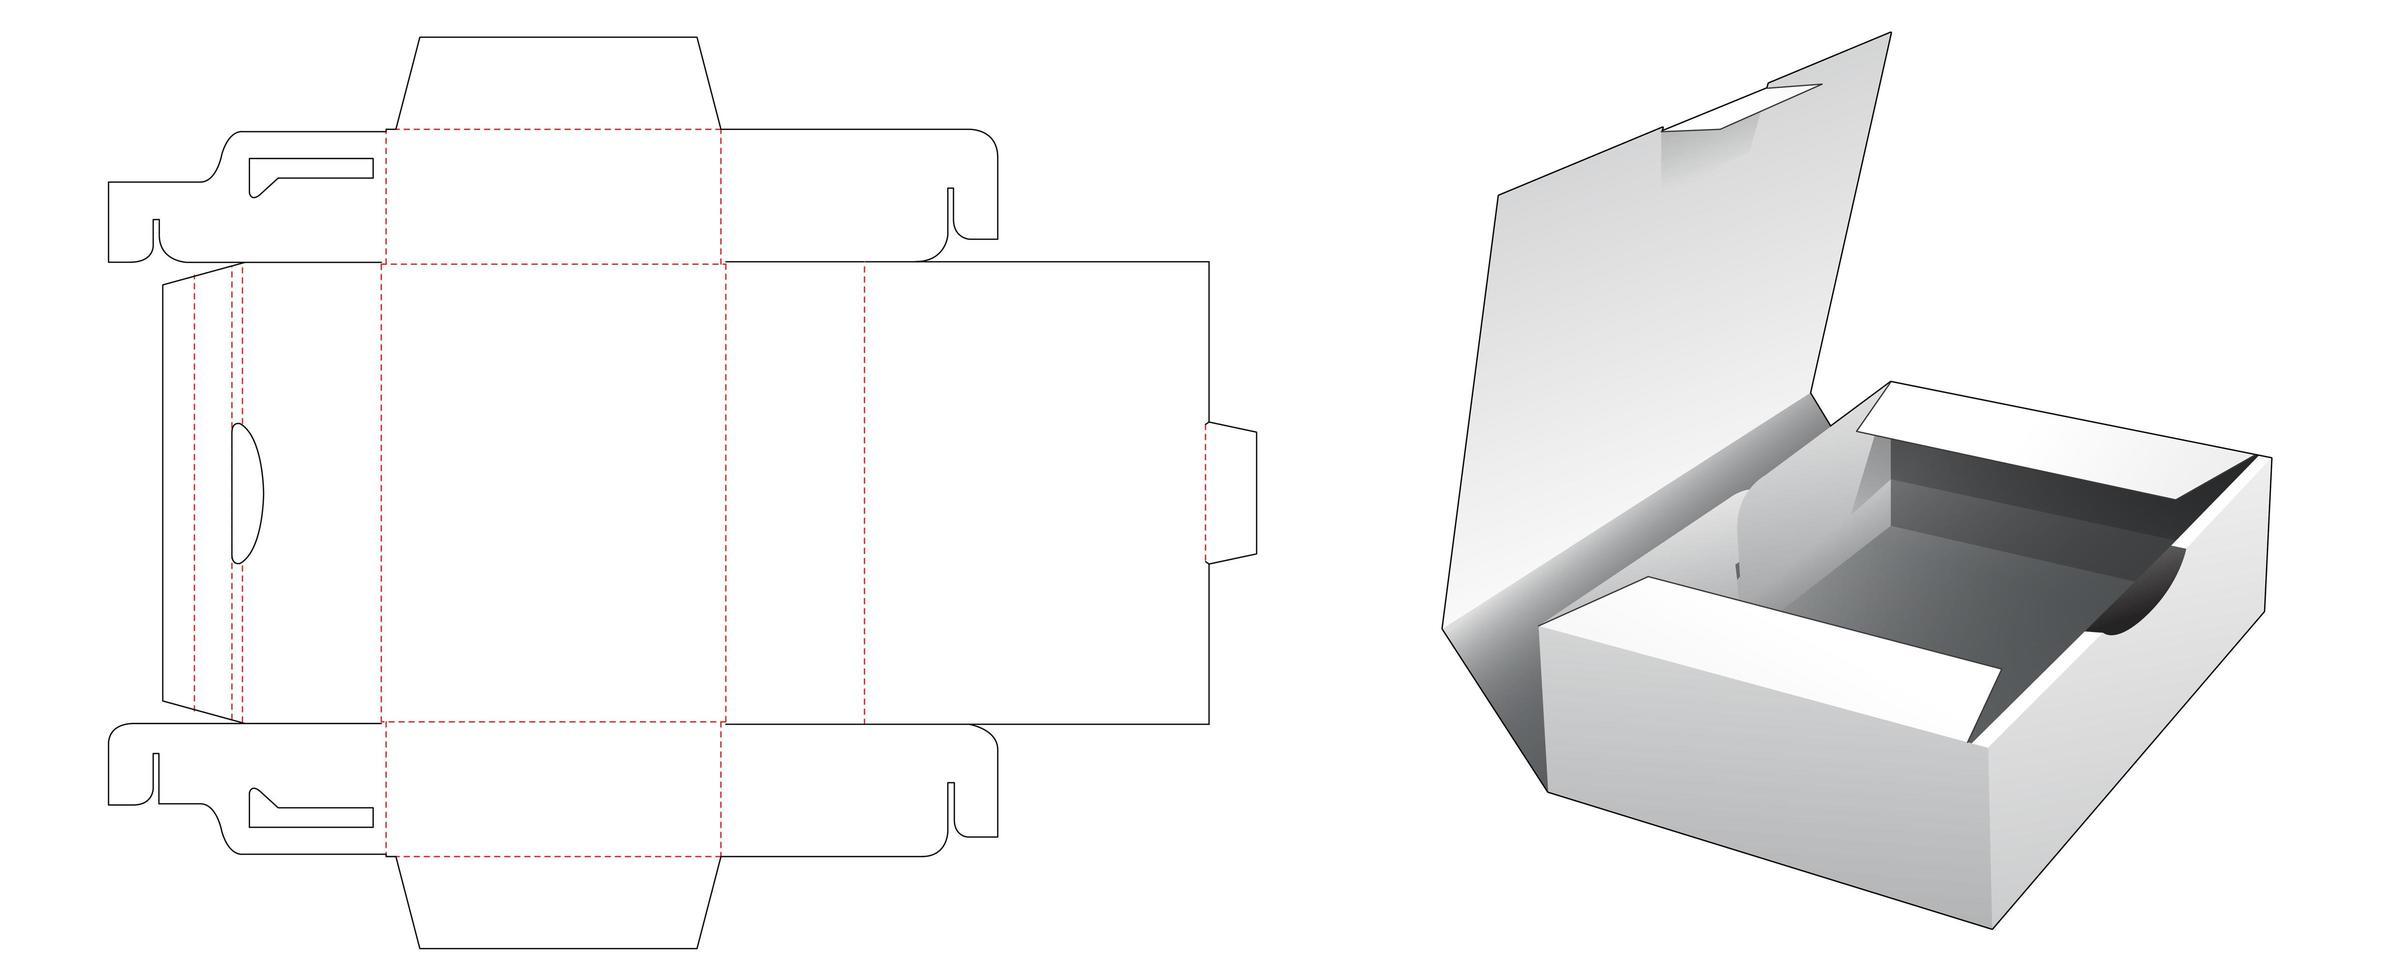 1 bit kakebehållare vektor